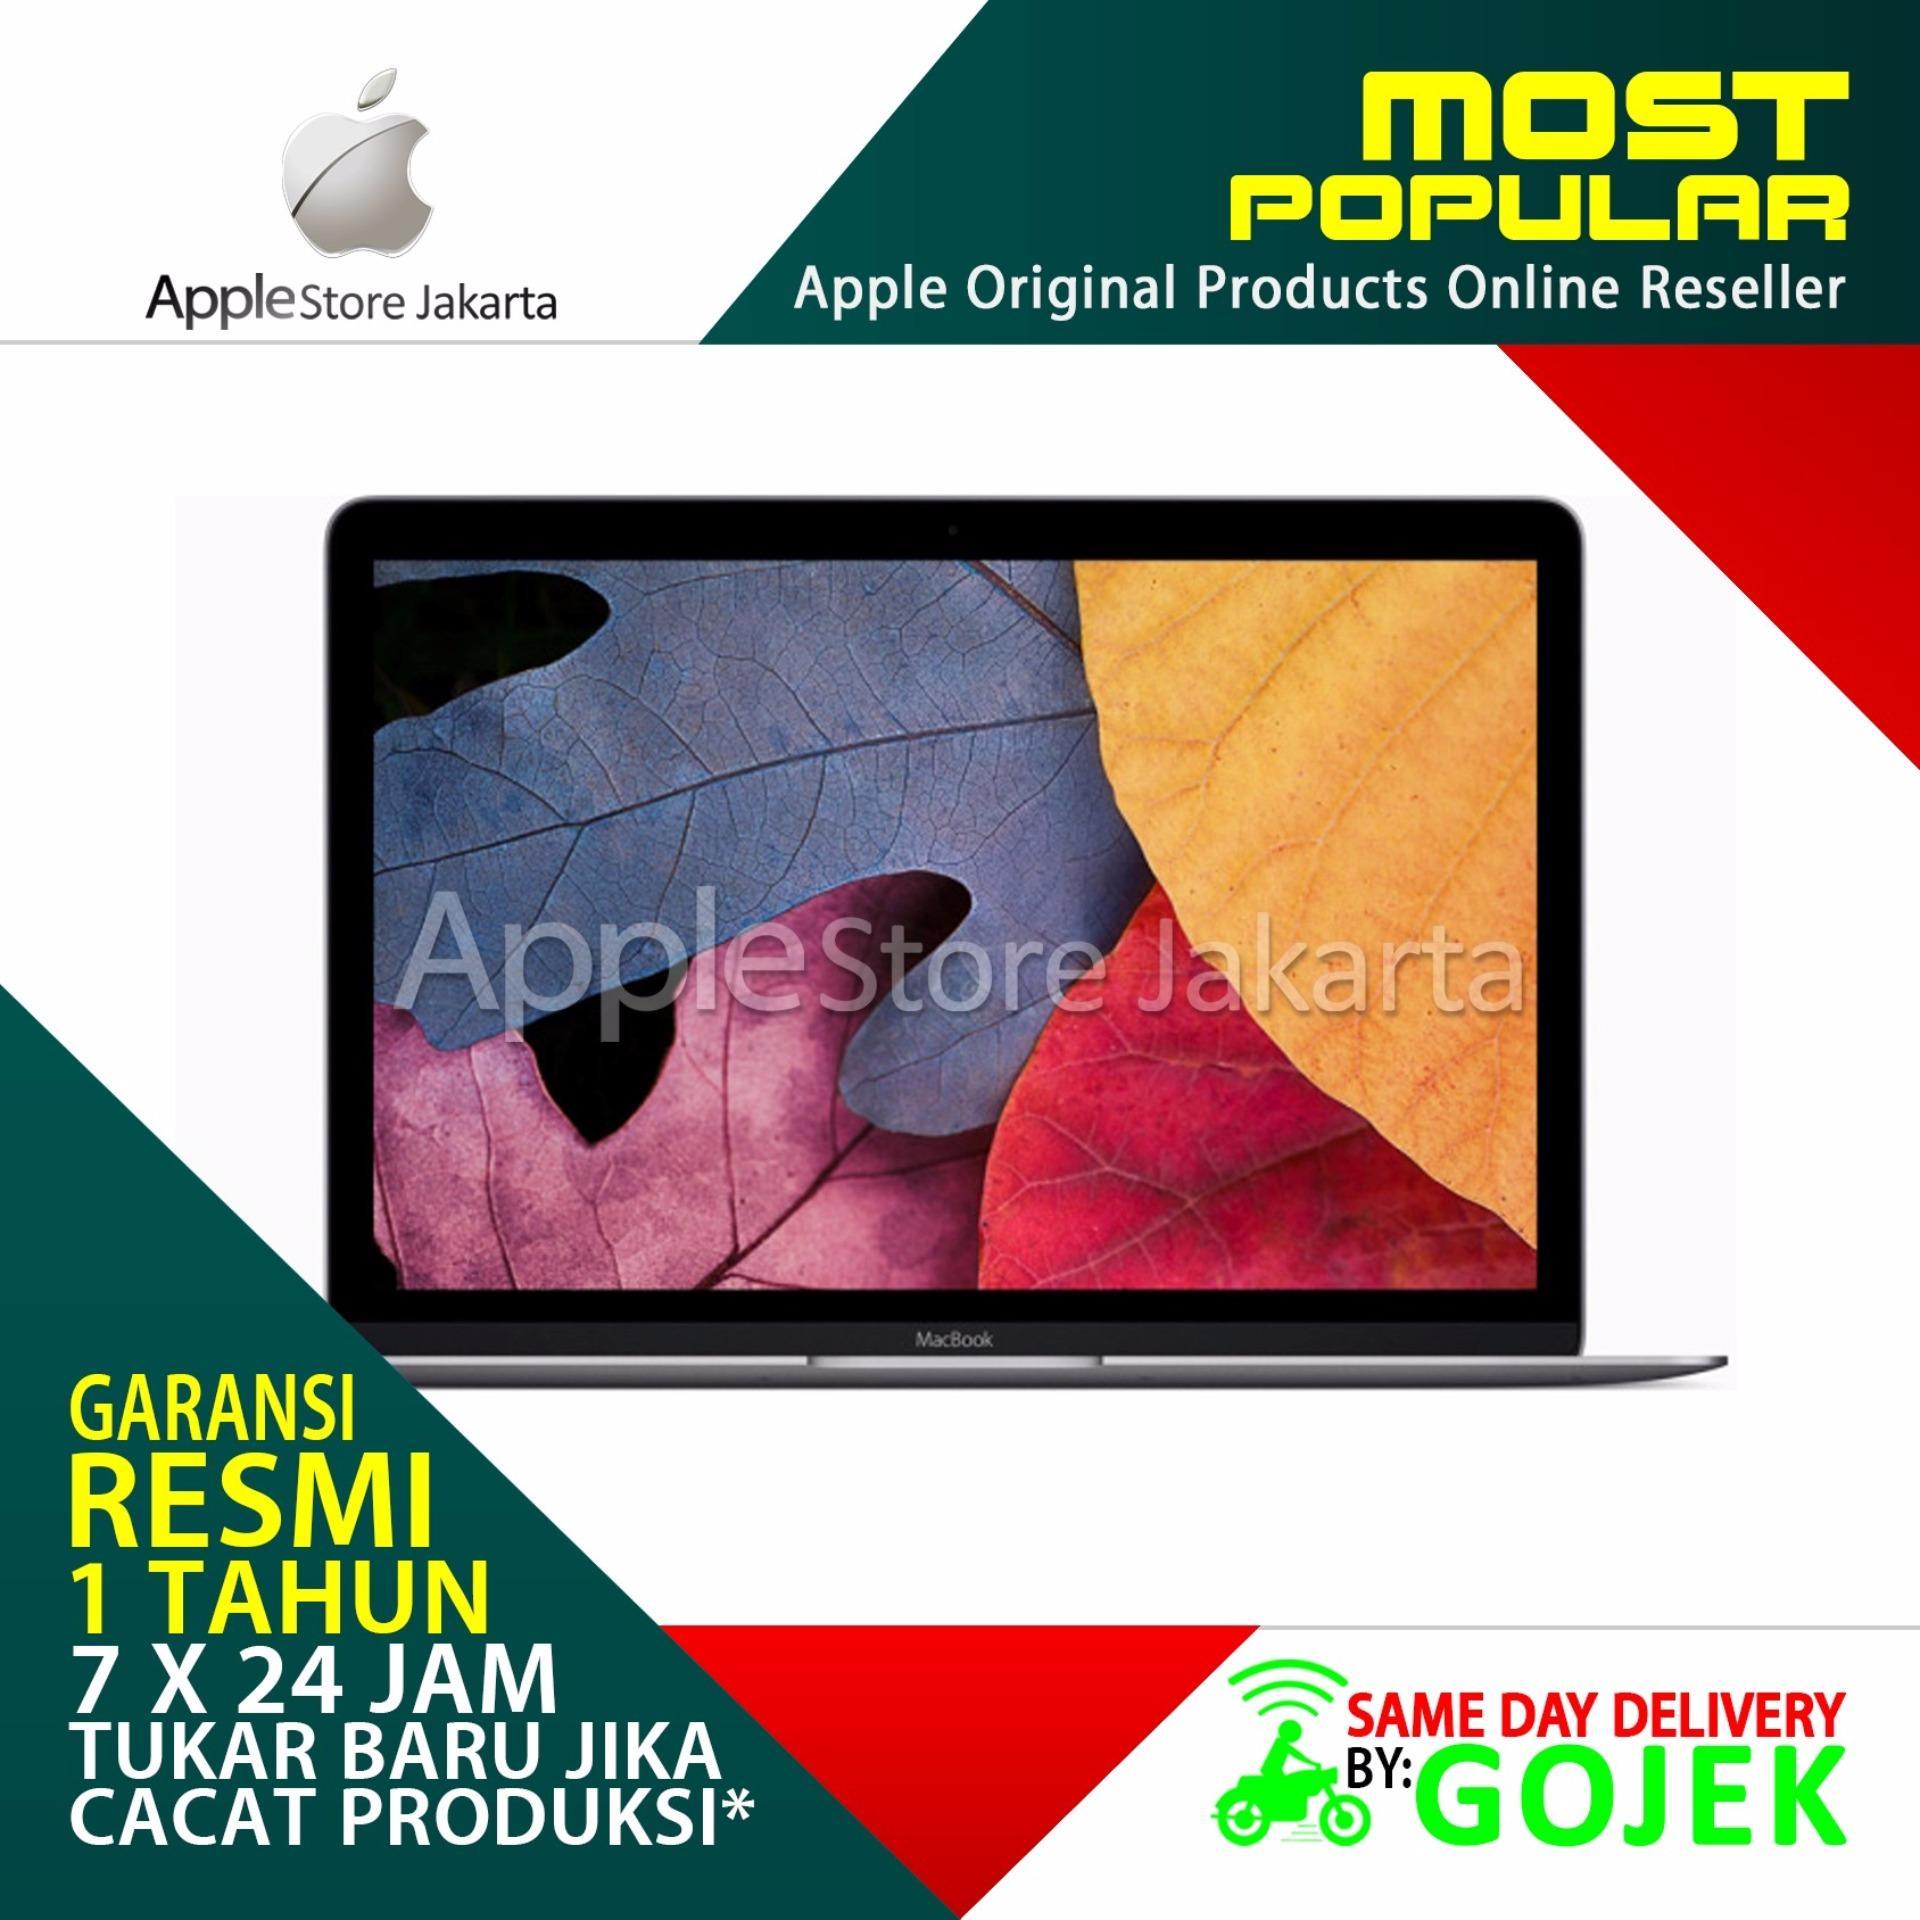 Toucbar Info Harga Berbagai Produk Terbaik Acer Aspire Es1 131 2gb Ddr3 Intel Celeron N3050 116 Ferric Red Linux Apple New Macbook Mnyf2 2017 12 Inch Core M3 8gb Ram